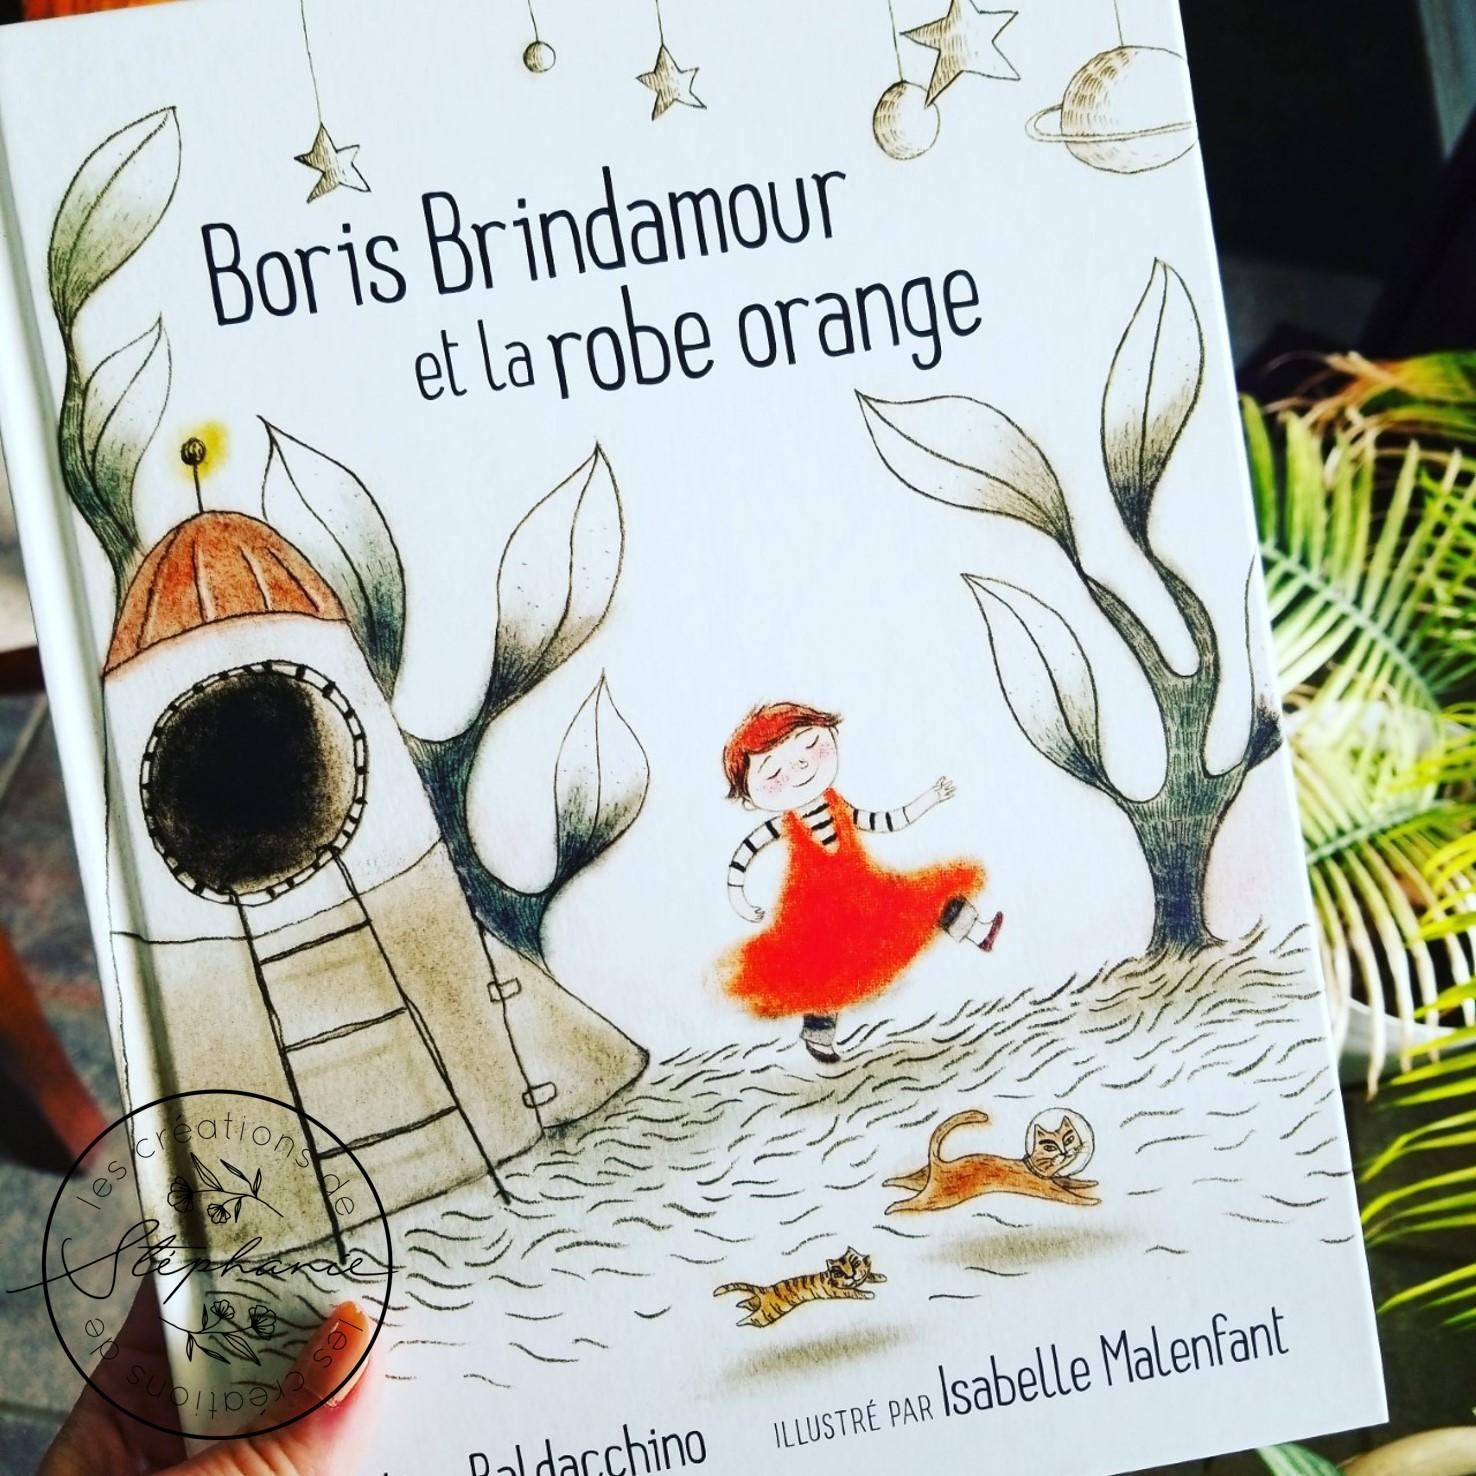 Boris Brindamour et la robe orange